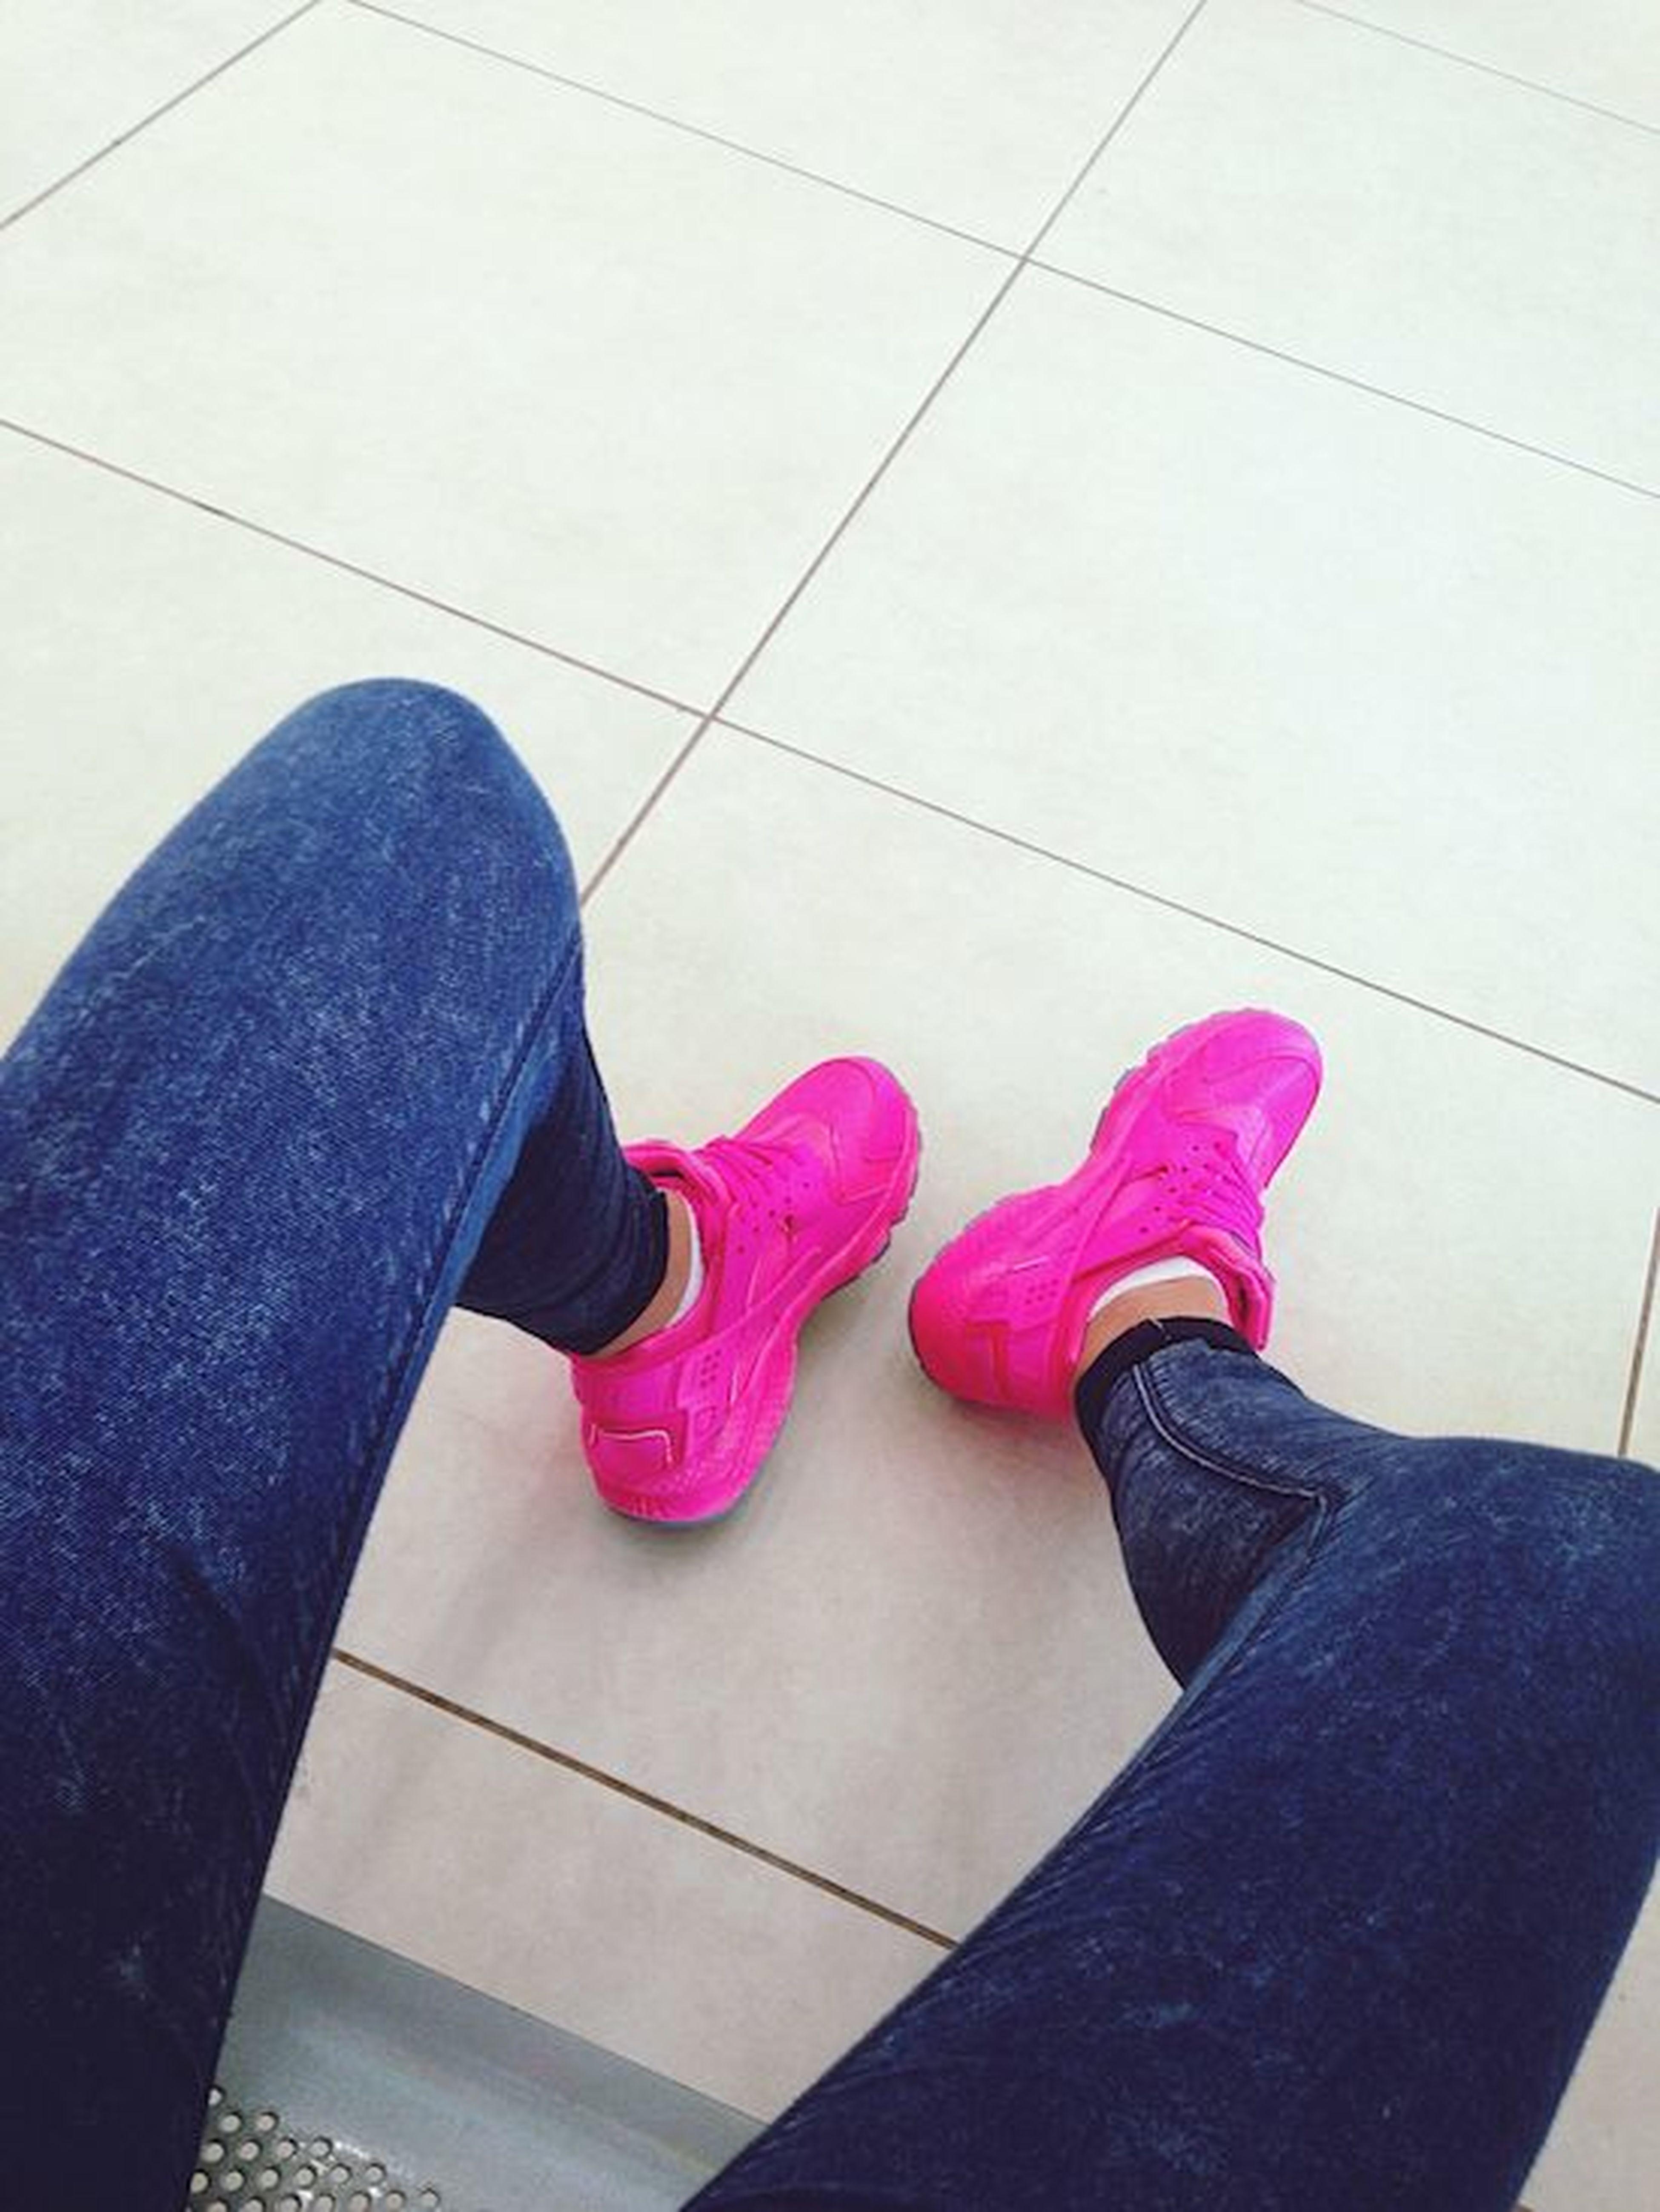 моя розовая любовь💗 лаавсвоихдевок